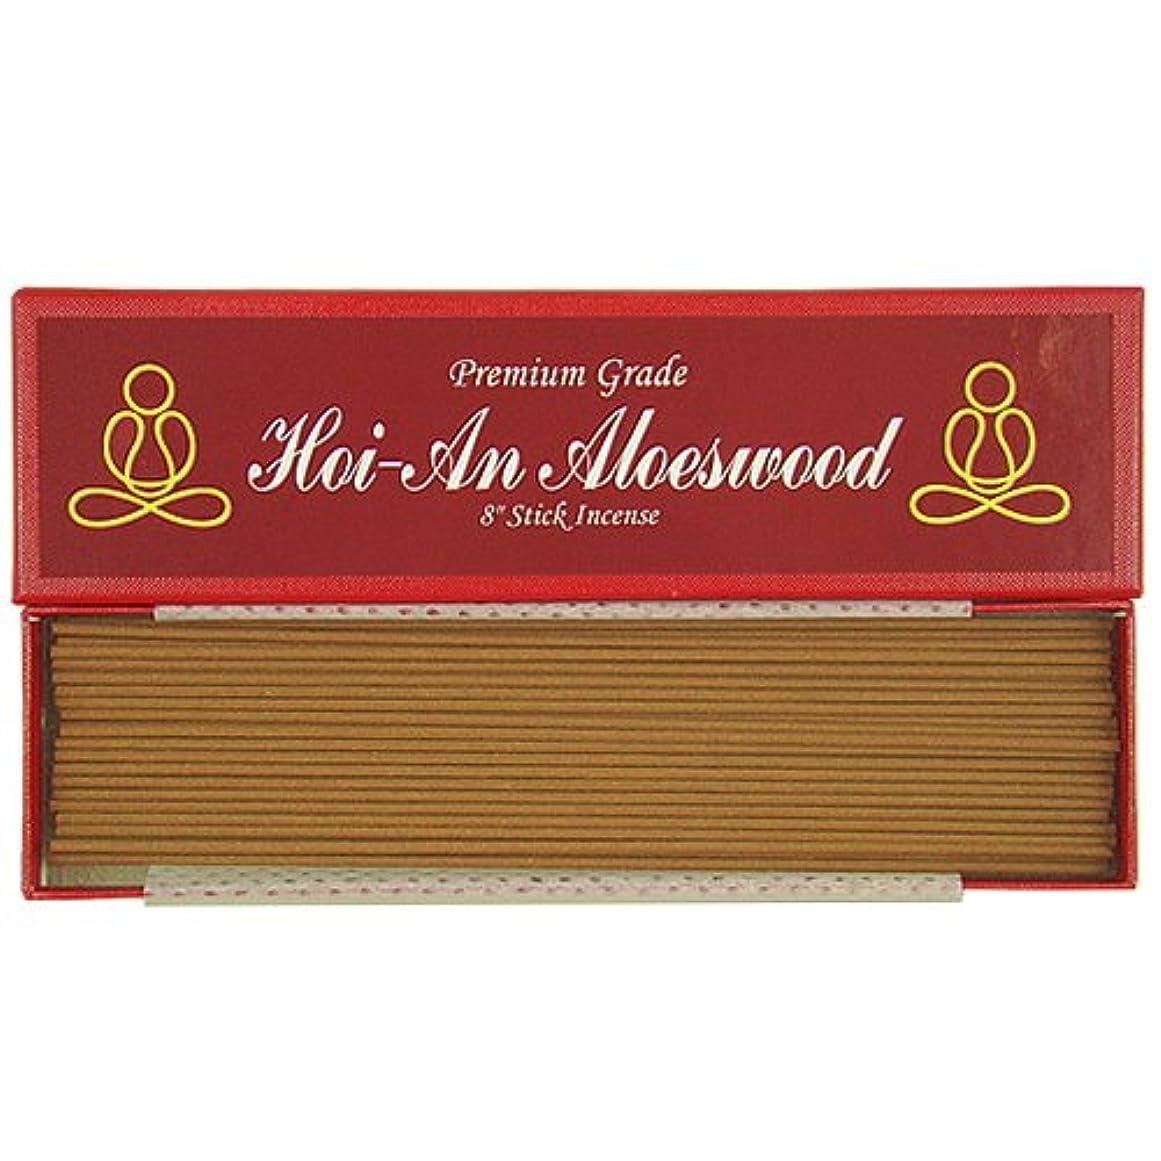 見つける影響を受けやすいです編集者プレミアムVietnamese hoi-an Aloeswood – 8 Inches Stick Incense – 100 % Natural – g054s